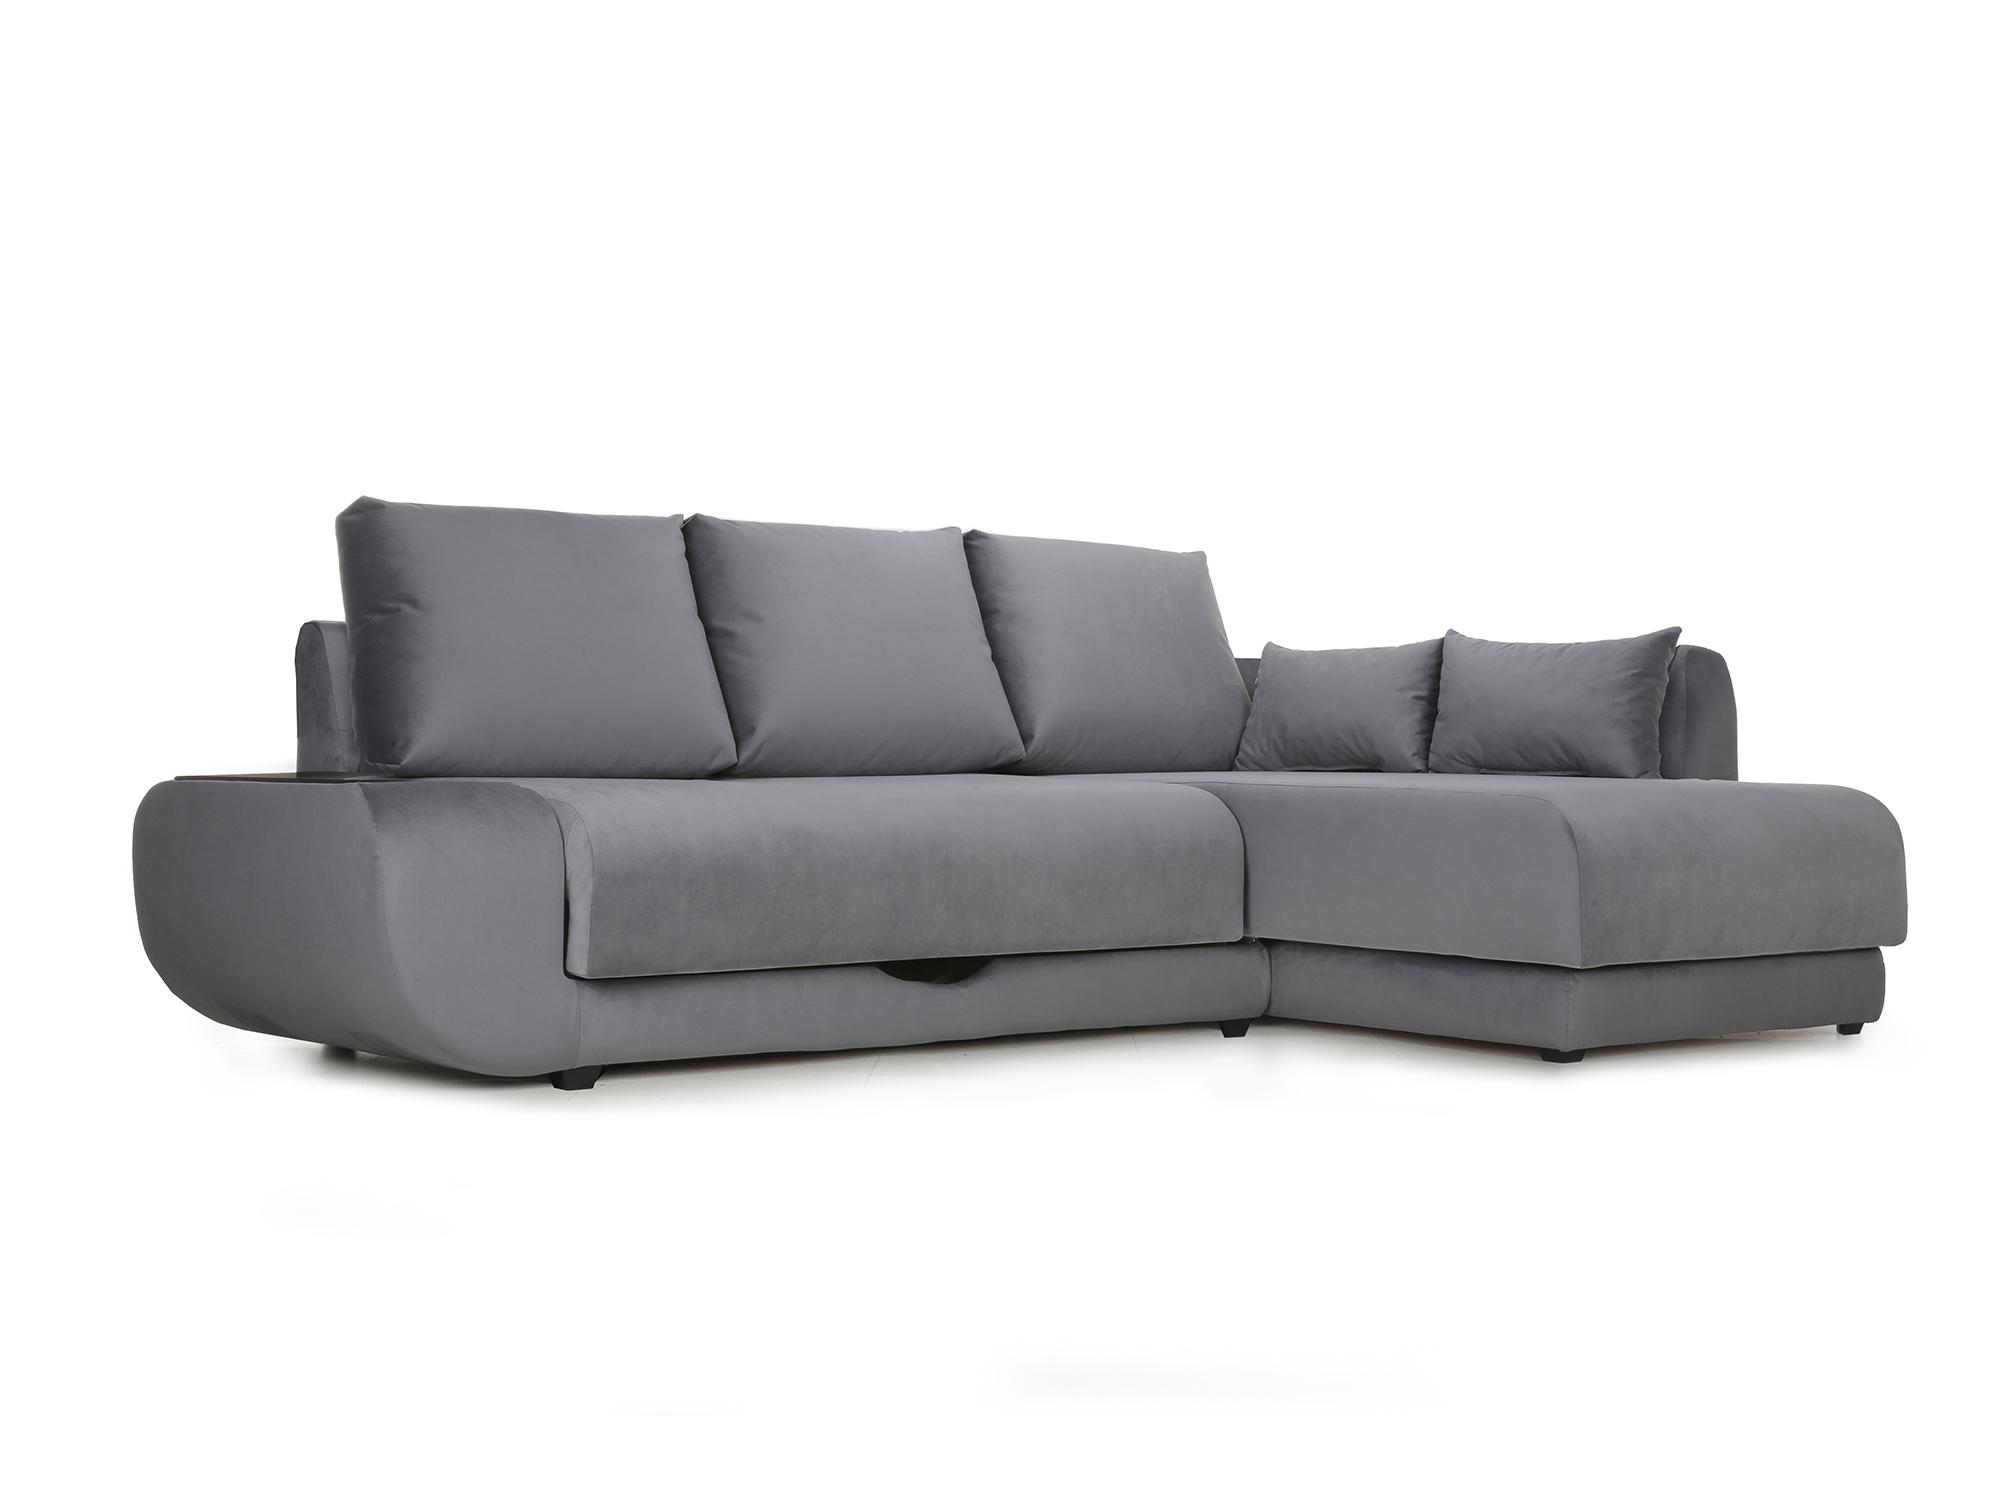 Угловой диван с независимым пружинным блоком Поло ПБ (Нью-Йорк) Правый MebelVia Черный